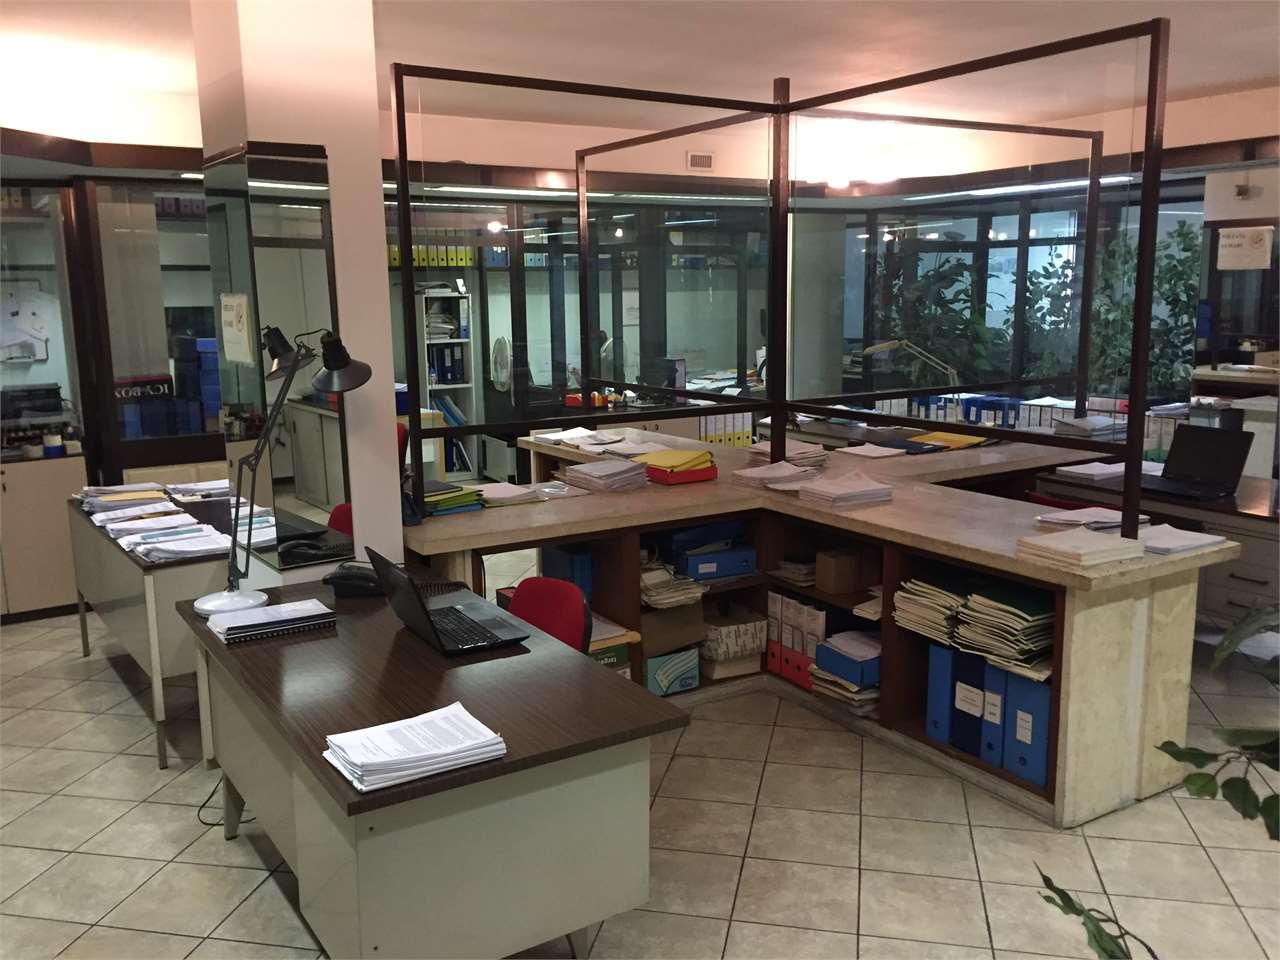 Vendita studio ufficio roma for Vendita ufficio roma